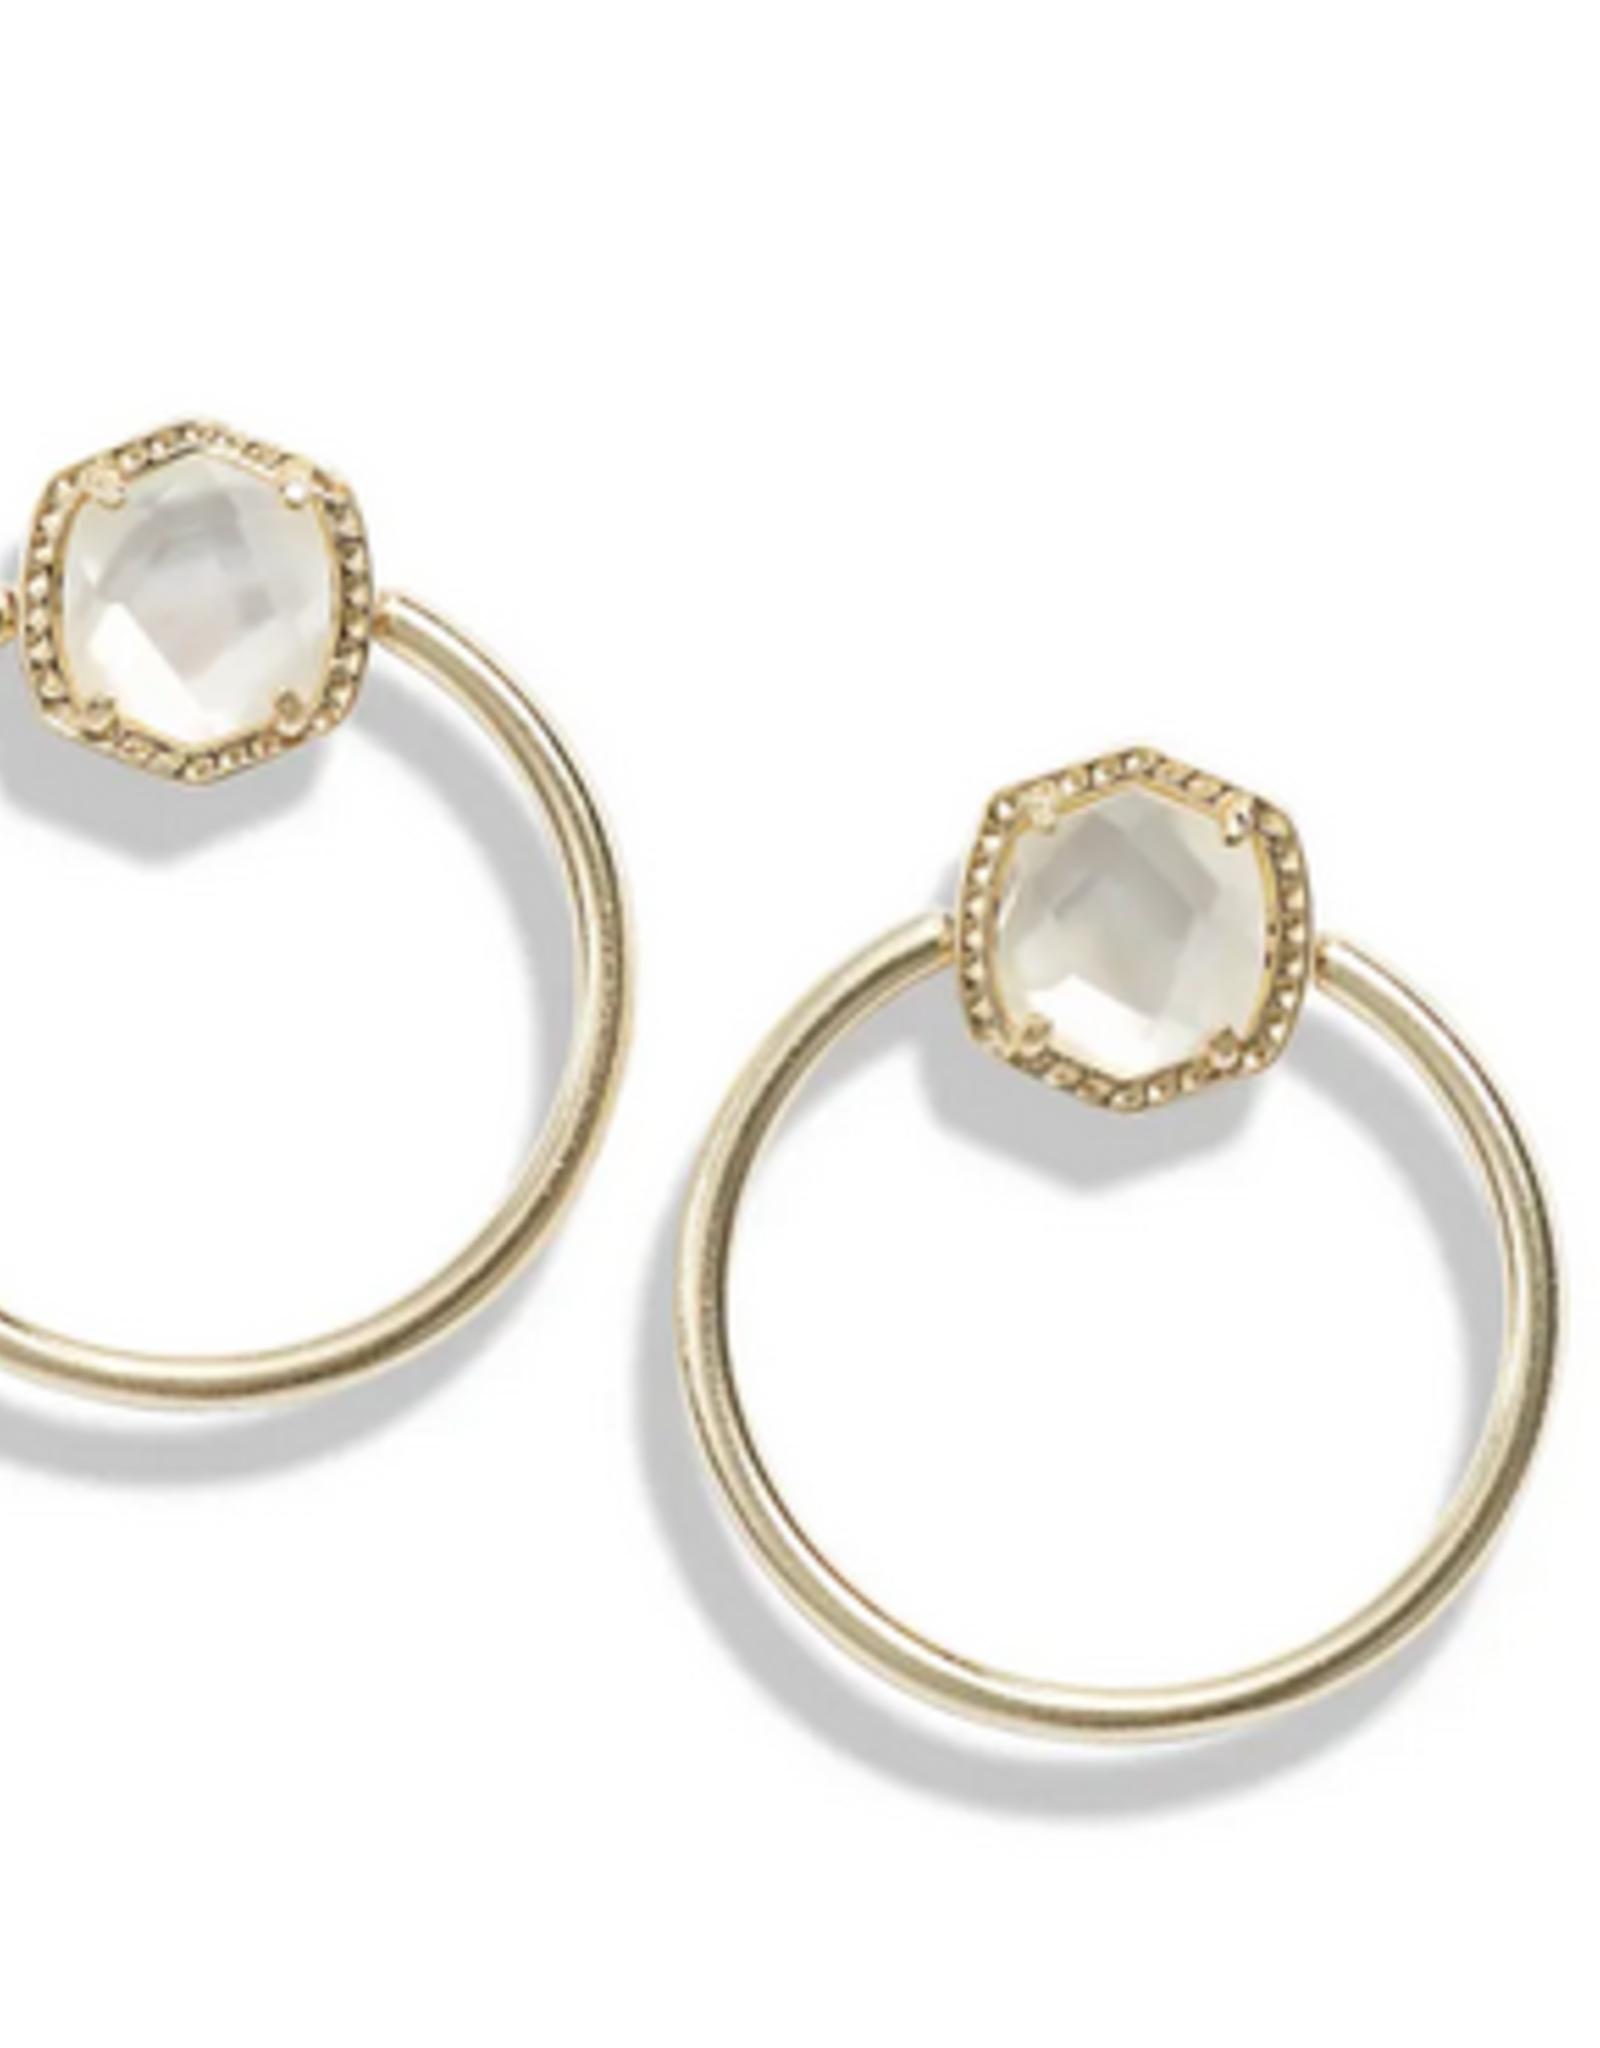 Kendra Scott Kendra Scott Davie Hoop Earrings Gold/Ivory MOP